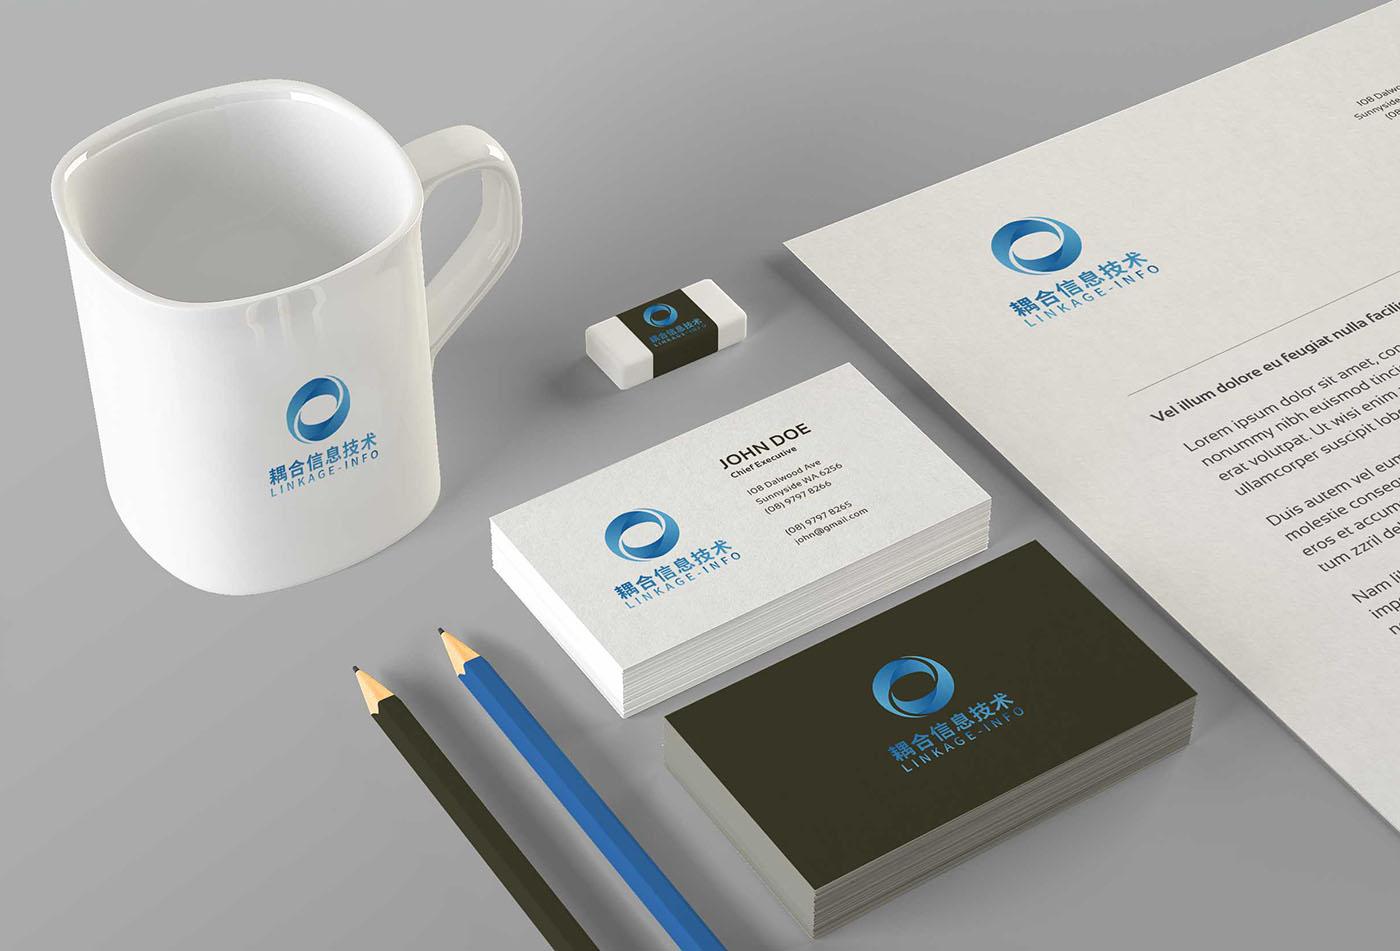 广州藕合信息科技有限公司VI设计-科技行业VI设计公司